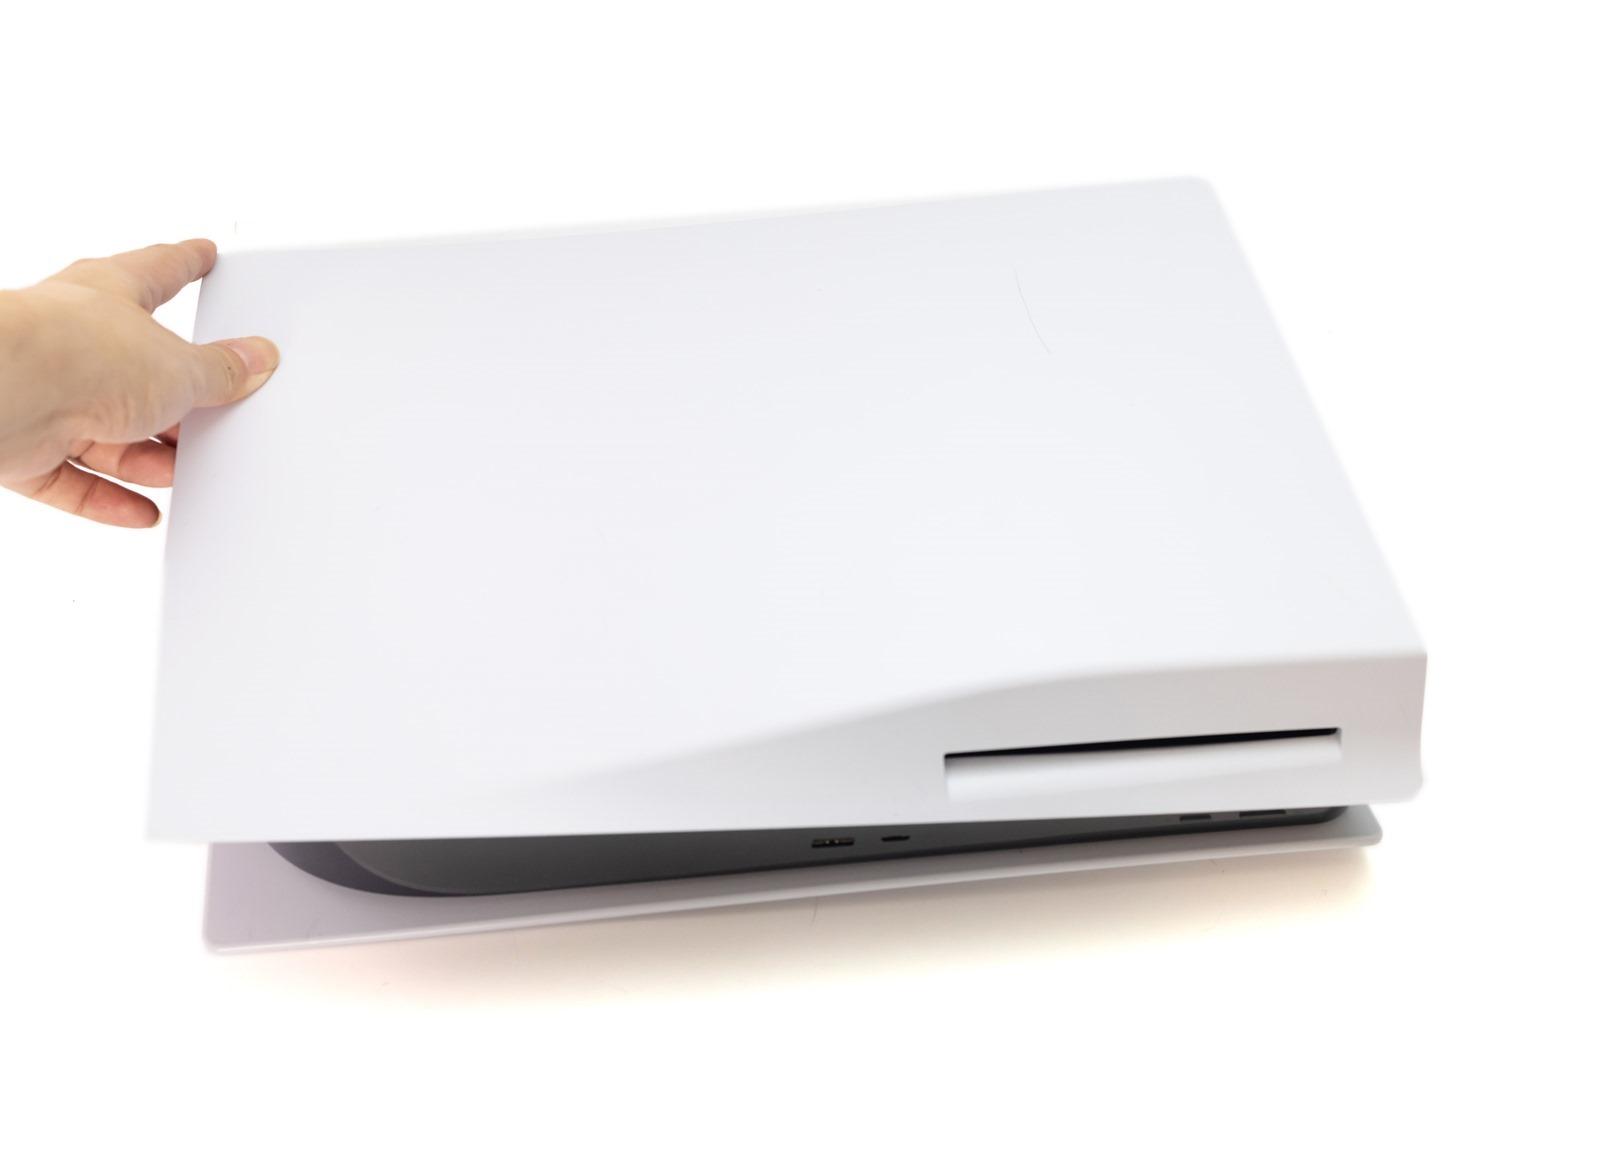 輕鬆 PS5 升級擴充沒問題!!ADATA XPG GAMMIX S70 BLADE 高速 PCIe 4.0 固態硬碟入手實測 @3C 達人廖阿輝